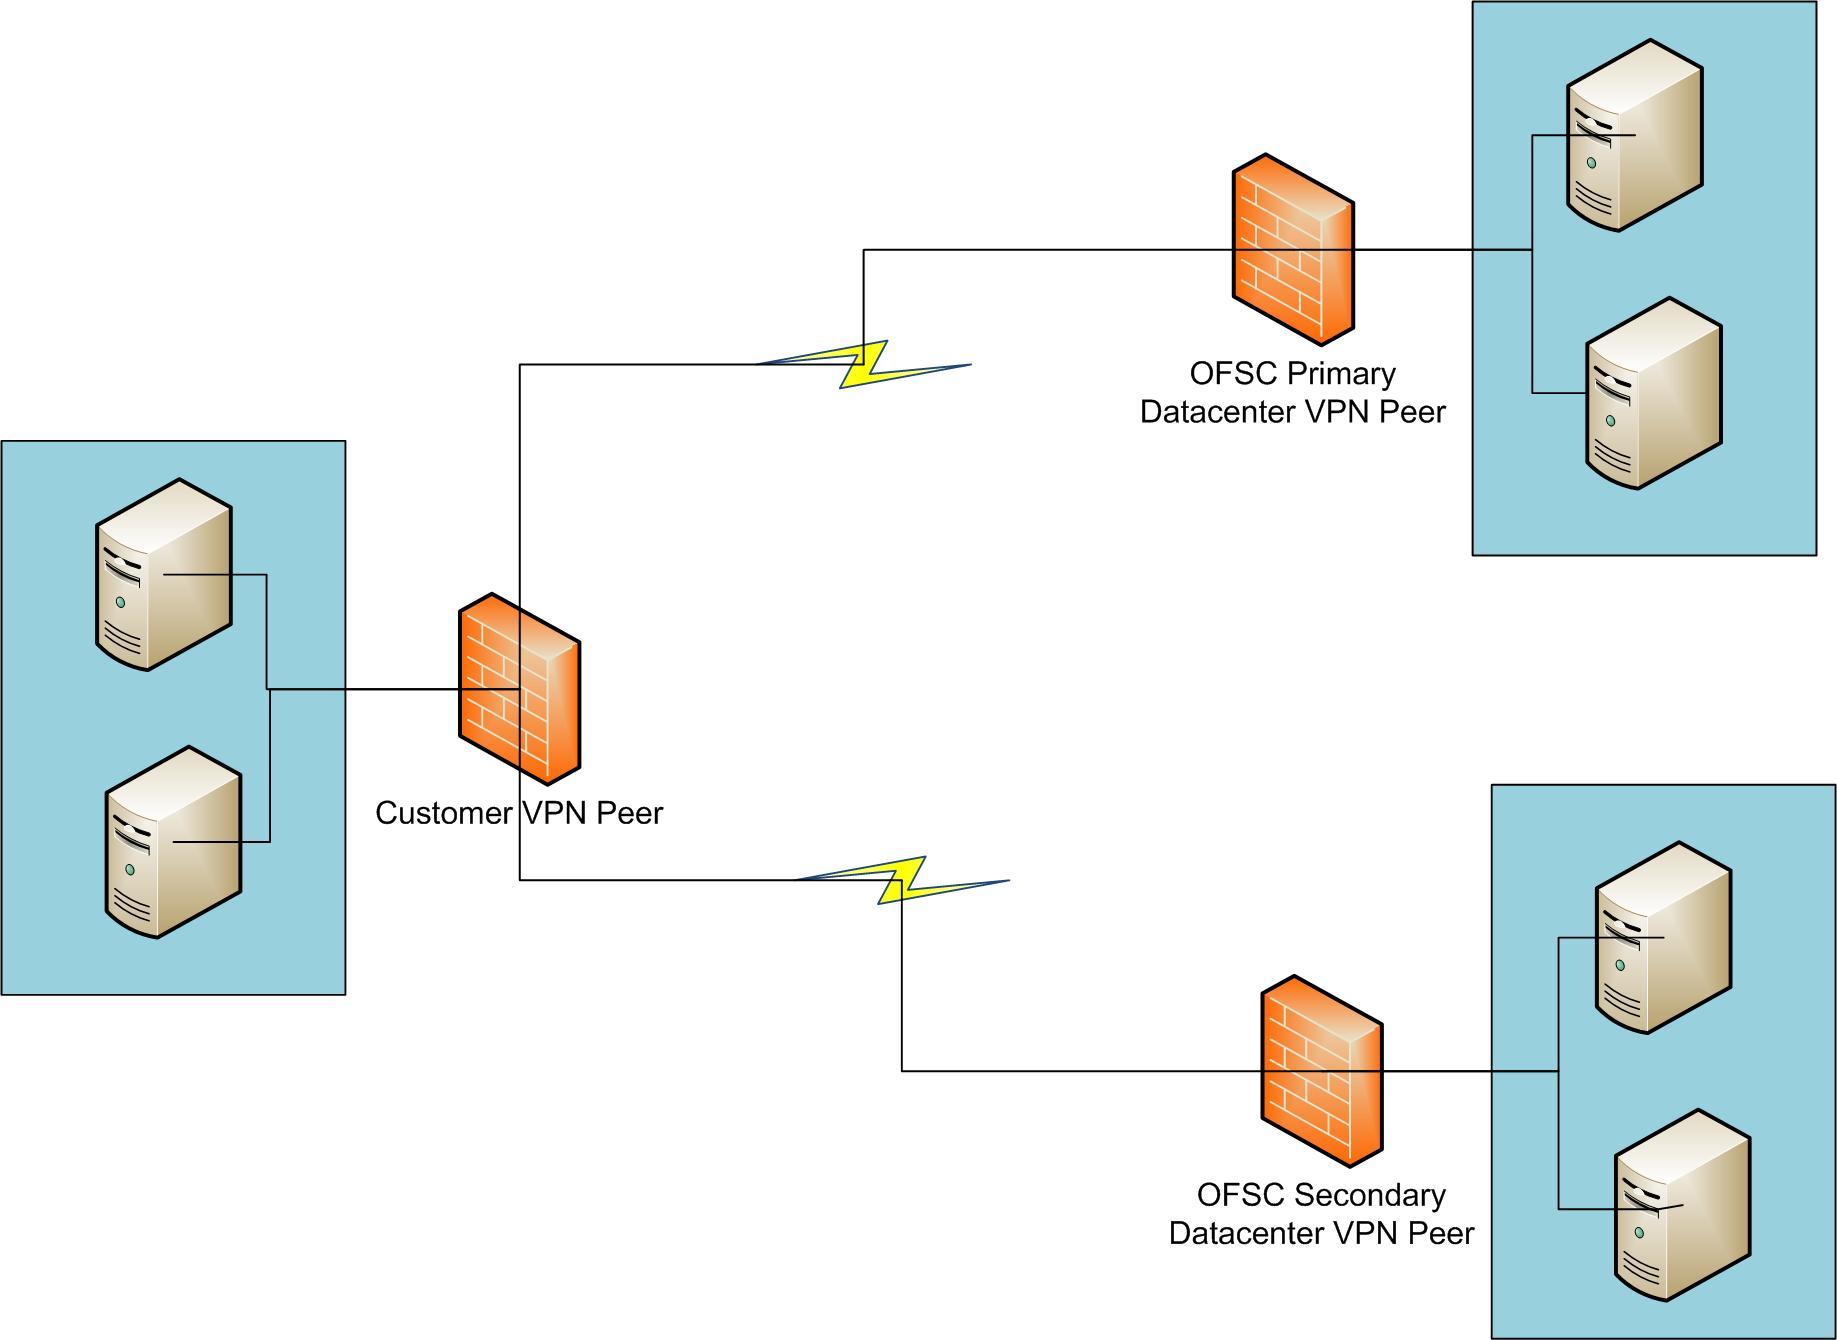 O ponto de vista de cliente VPN conecta-se ao ponto de VPN primário do Datacenter OFSC e ao ponto de VPN secundário do datacenter OFSC